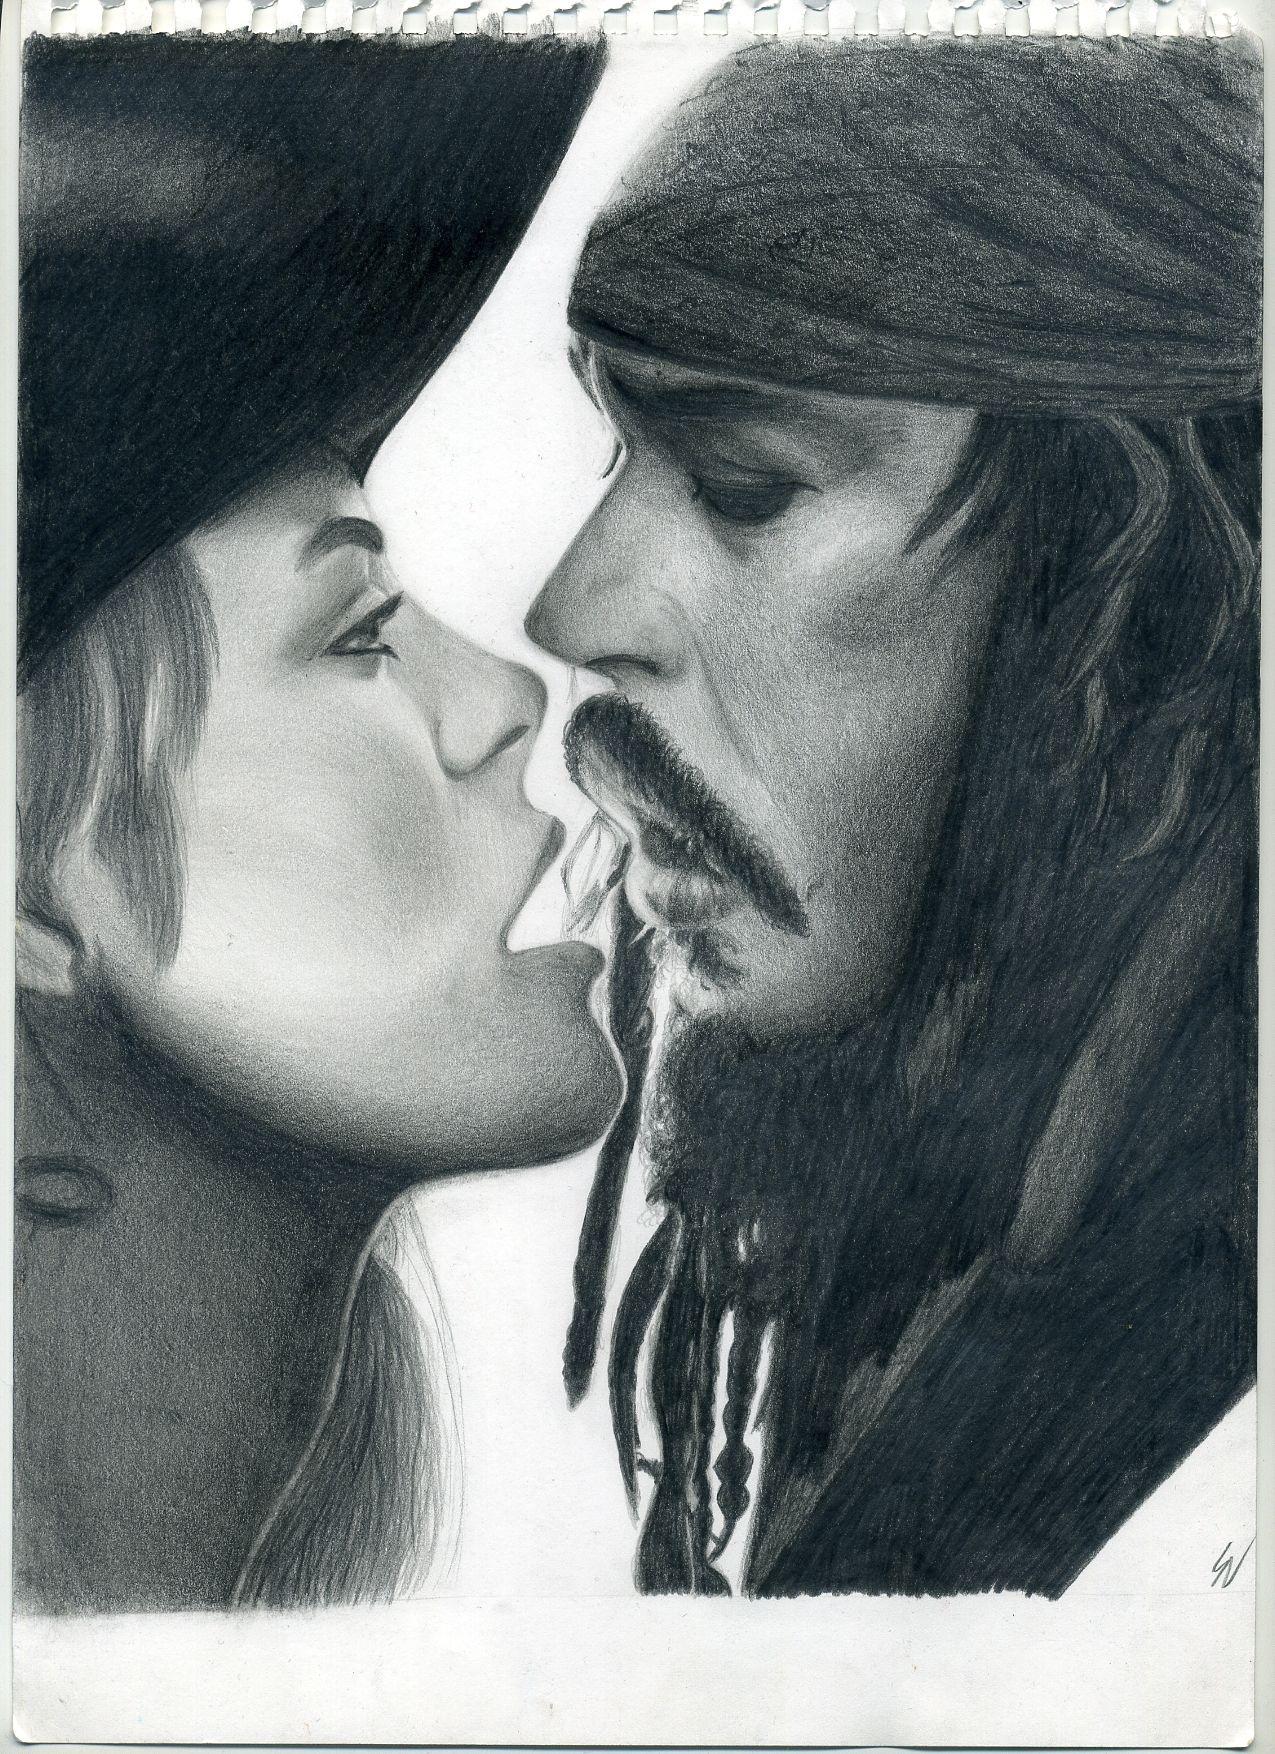 Pirati Dei Caraibi Disegno.Il Bacio Tra Jack Sparrow E Elisabeth Tratto Dalla Saga De I